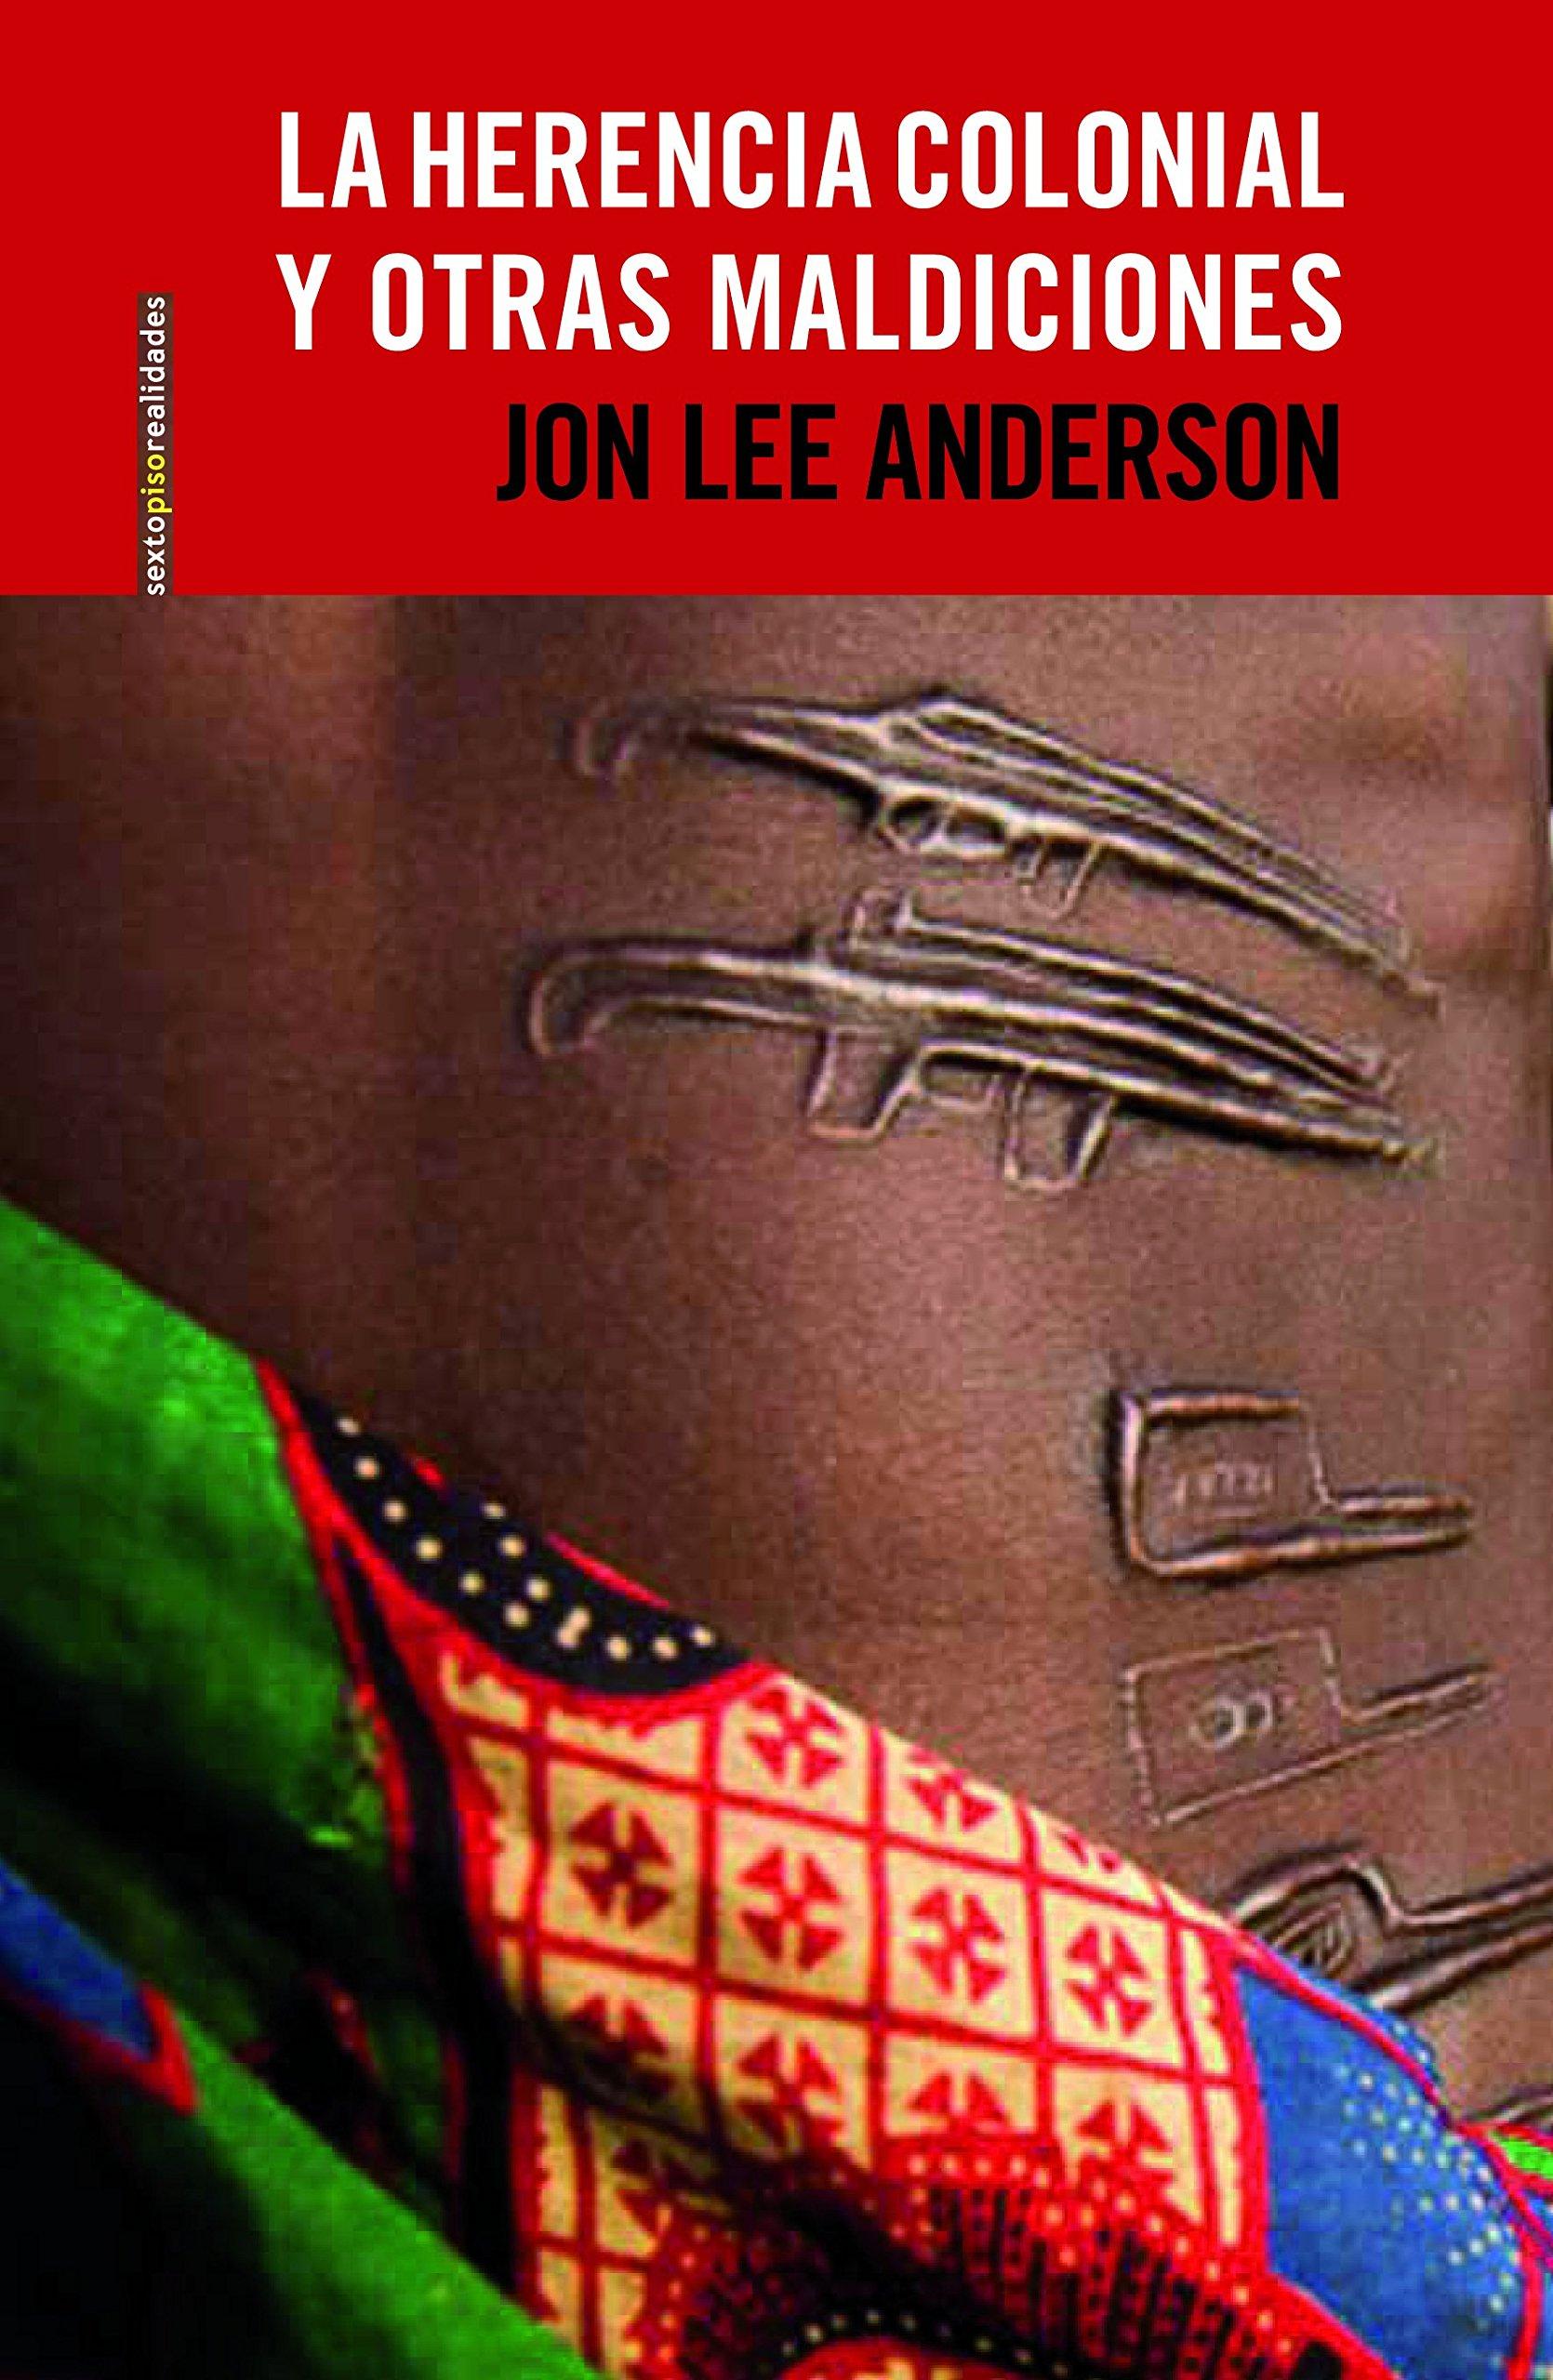 La herencia colonial y otras maldiciones Sexto Piso Realidades: Amazon.es: Jon Lee Anderson, Agustín López Tobajas, María Tabuyo Ortega: Libros